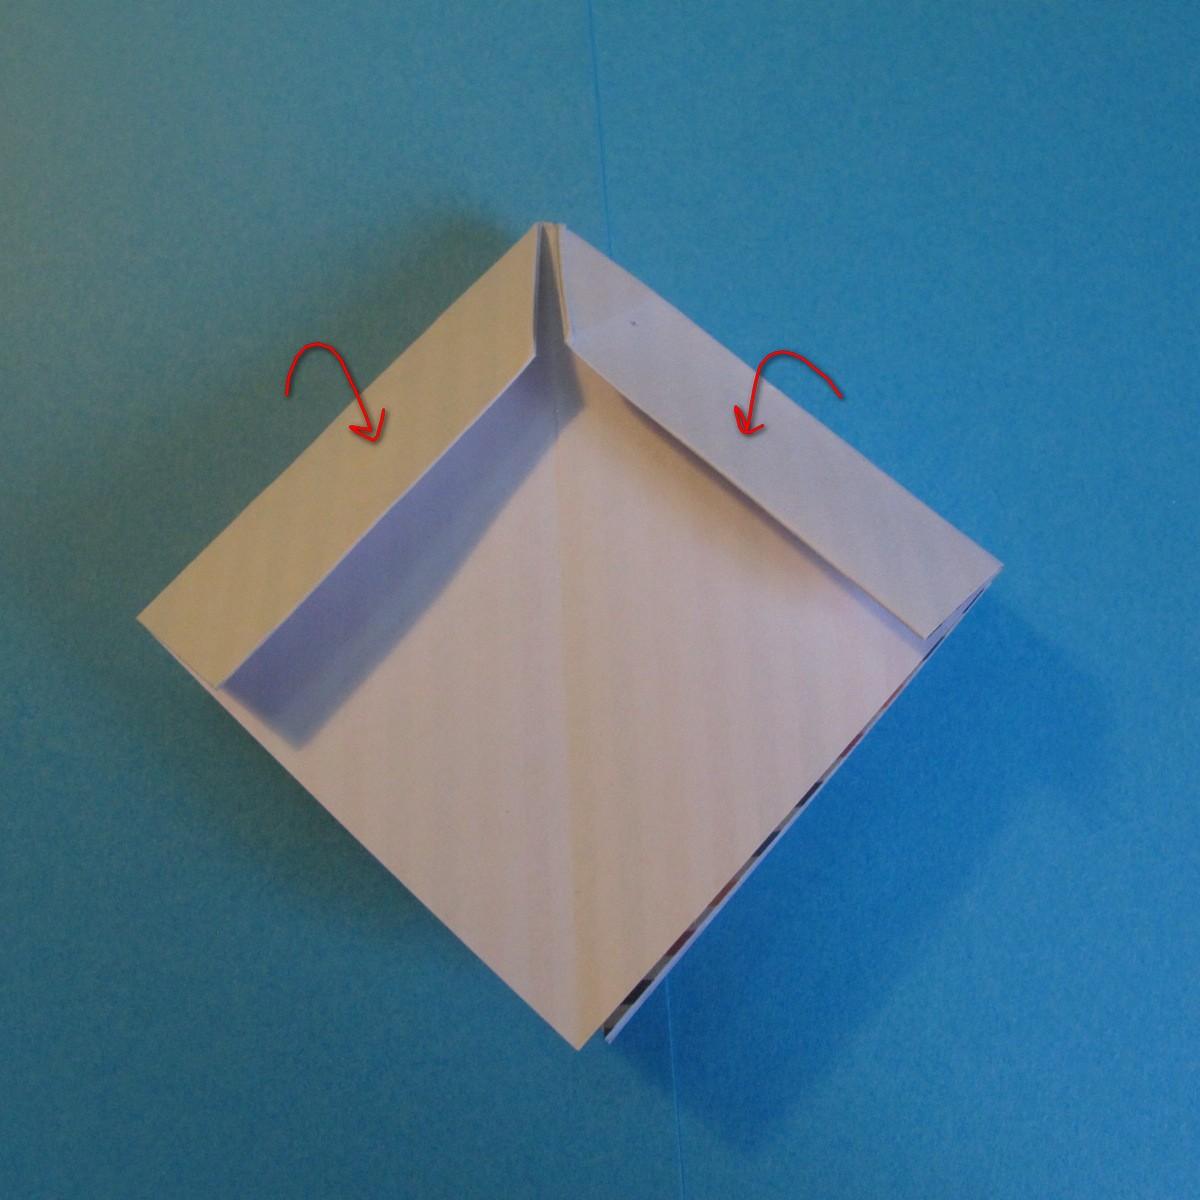 วิธีการพับกระดาษเป็นโบว์หูกระต่าย 012